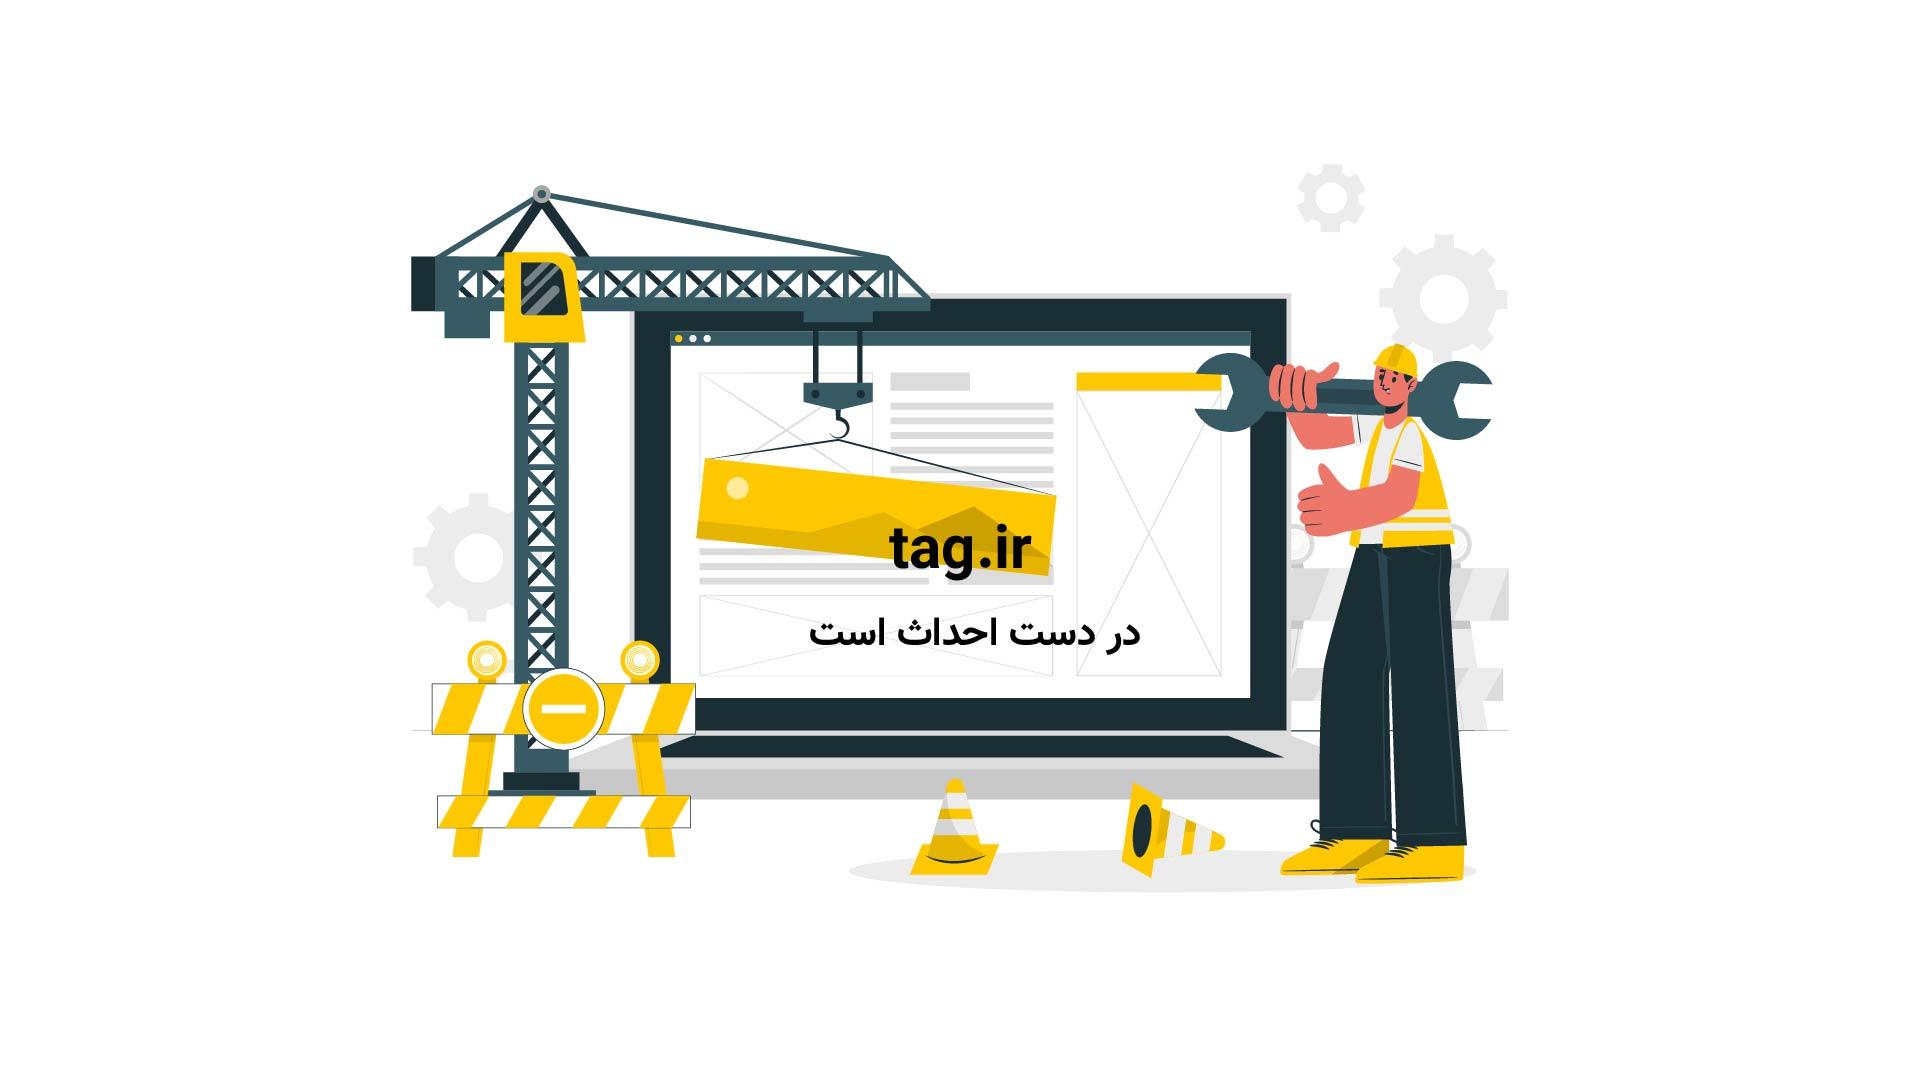 سخنرانی های تد؛ شغل های آینده چگونه خواهند بود | فیلم